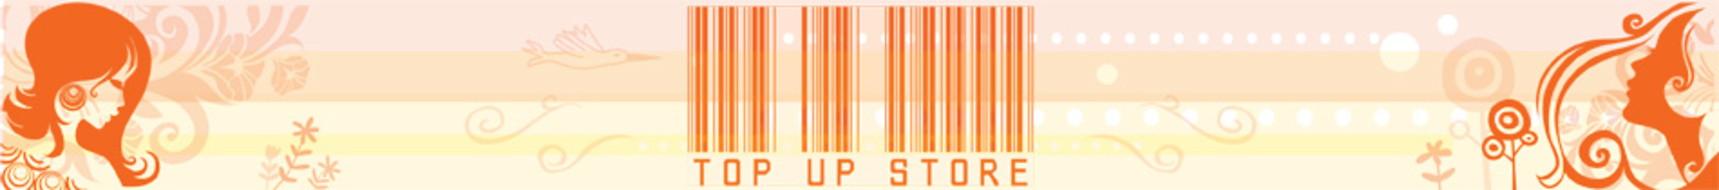 Topup store